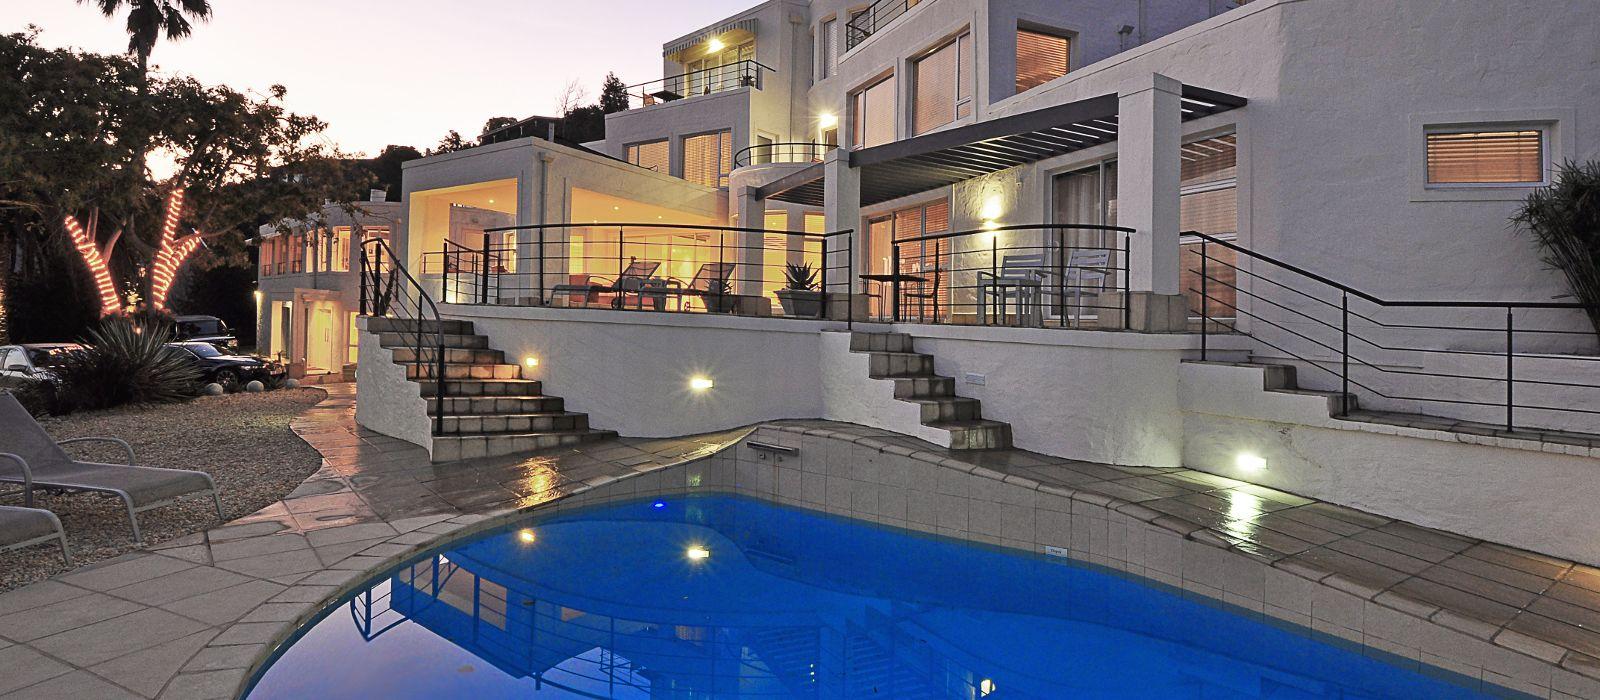 Hotel Villa Afrikana Südafrika